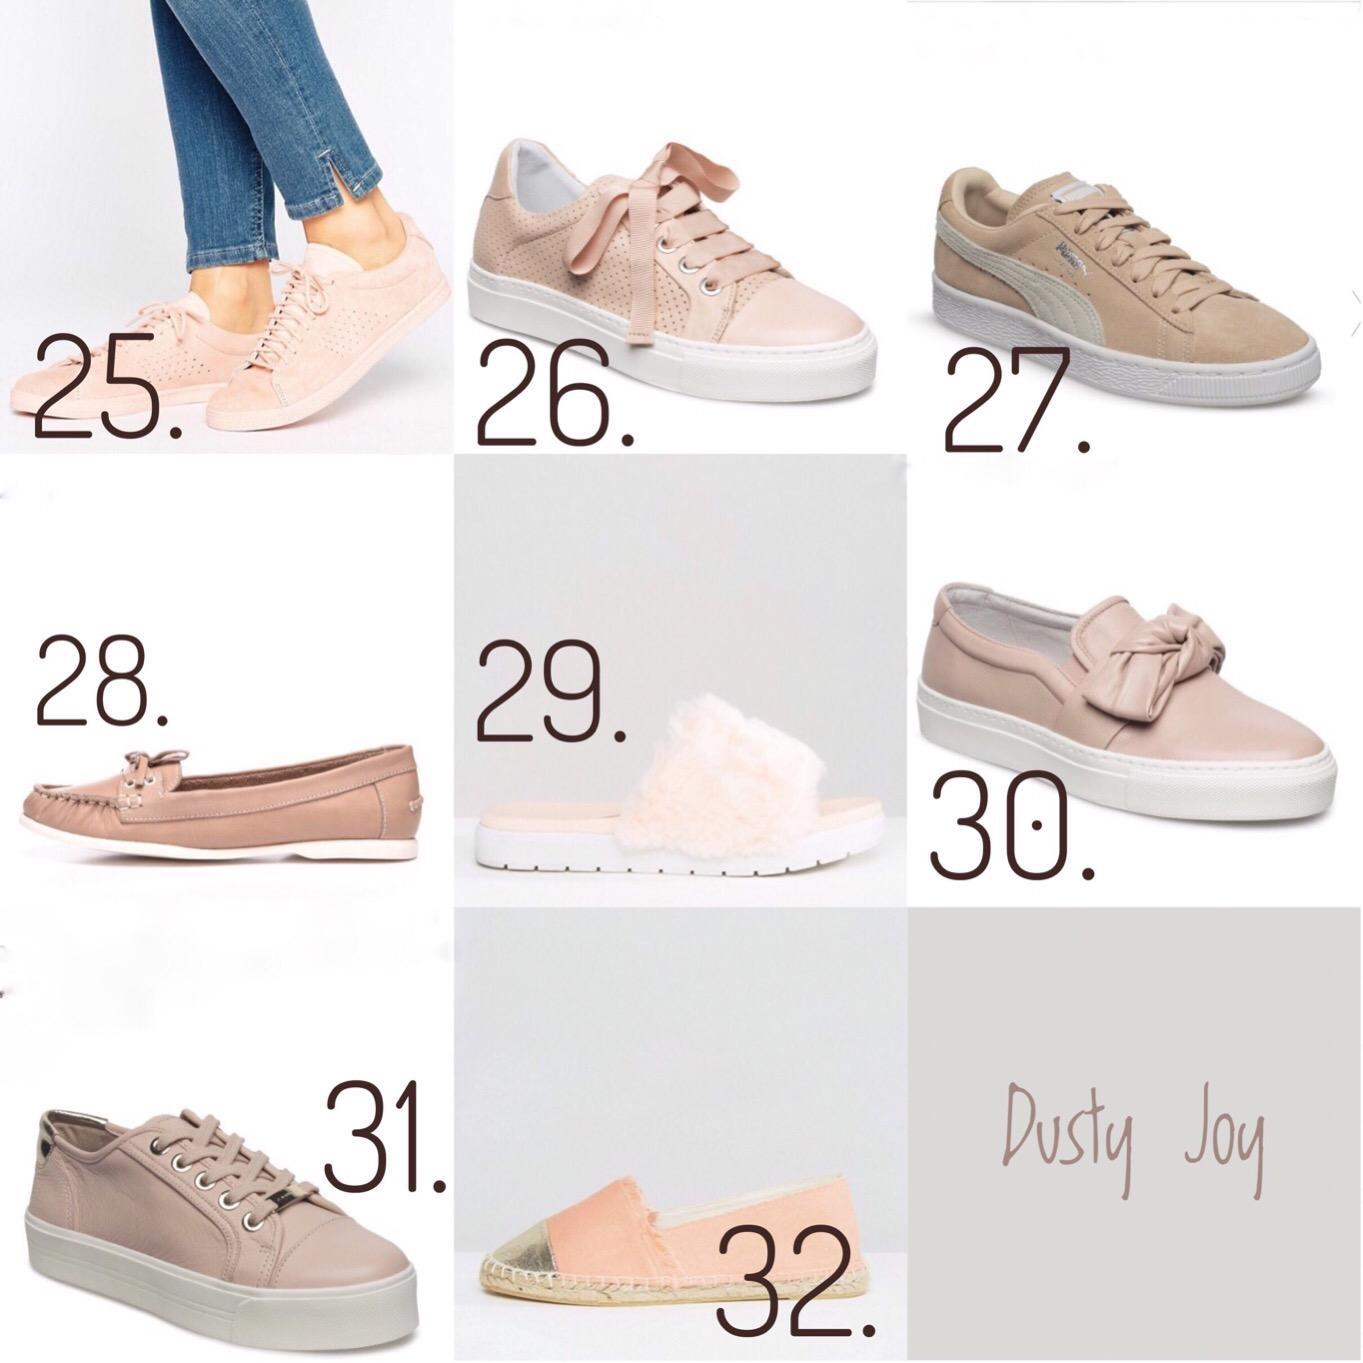 6a339e24832 Traditionen tro skal markedes afsøges for de bedste modeller indenfor  pudderfarvet, behagelig skomode, så her er hele 32 fantastiske sko i sart  rosa eller ...